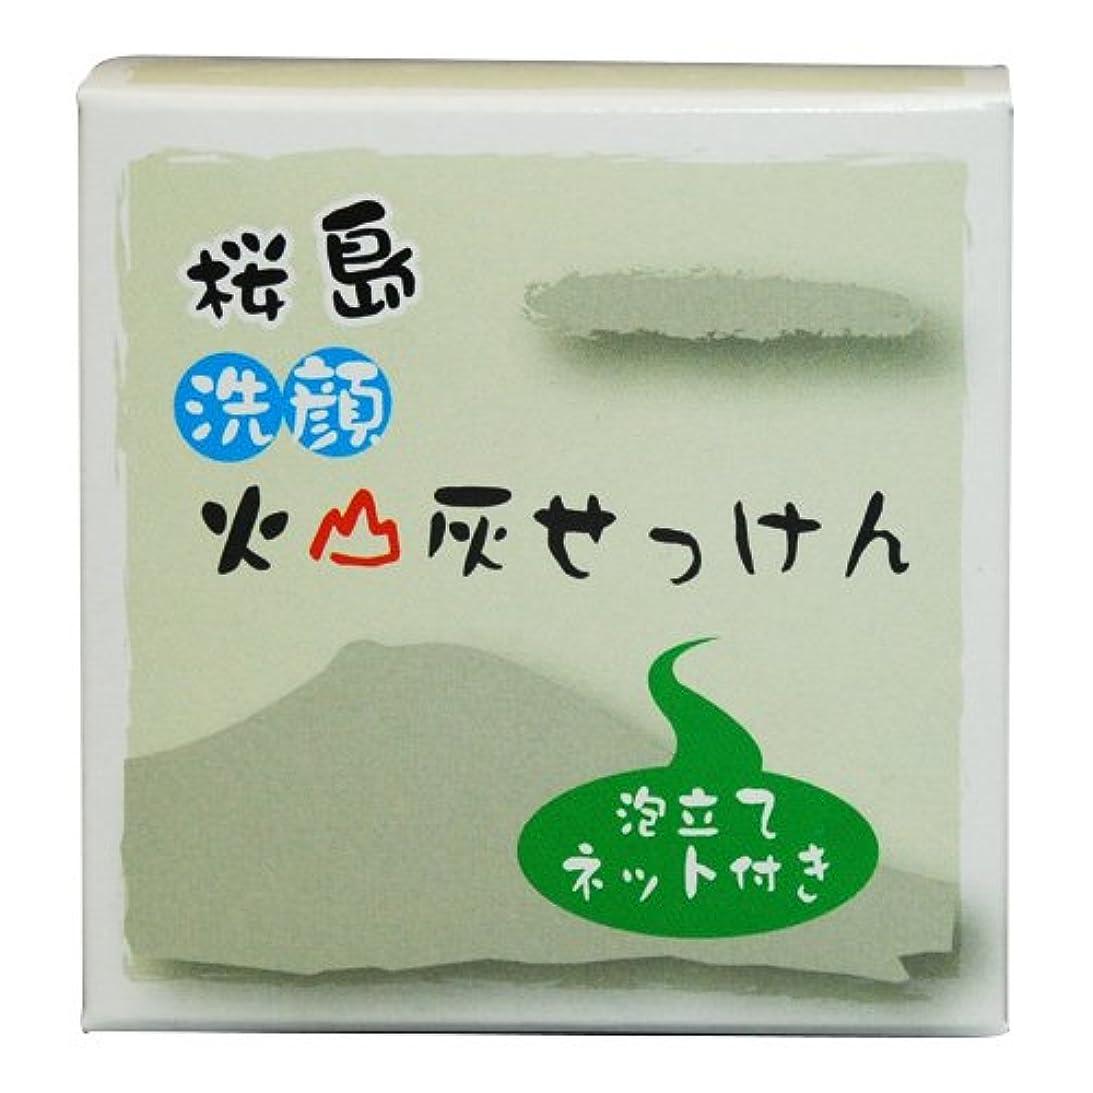 犯す検査官錫桜島洗顔火山灰せっけん(泡立てネット付き)